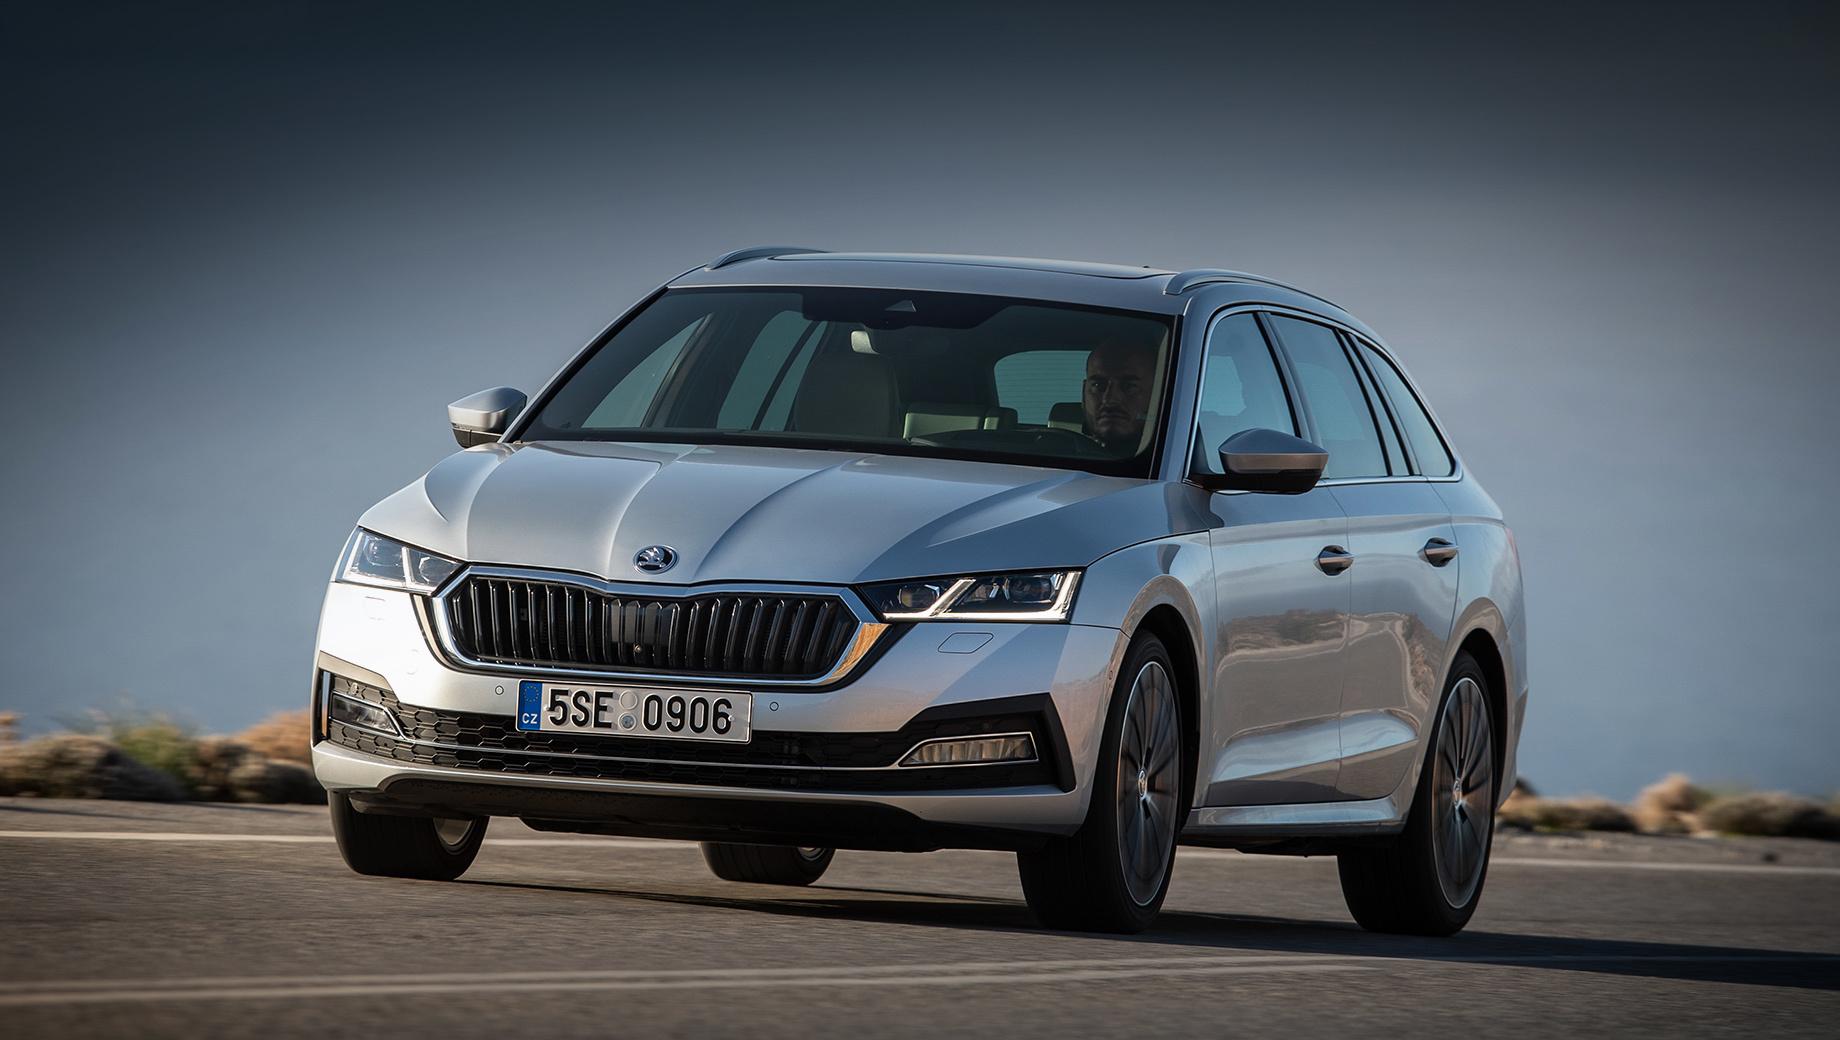 Skoda octavia,Skoda superb,Volkswagen passat. Последняя Skoda Octavia дебютировала в ноябре 2019 года. В Европе за первые четыре месяца 2020-го продали 51 048 машин. В Германии лифтбек стоит от 27 360 евро (2,1 млн рублей), универсал — от 28 060 (2,2 млн). В России продажи модели ожидаются в четвёртом квартале 2020-го.